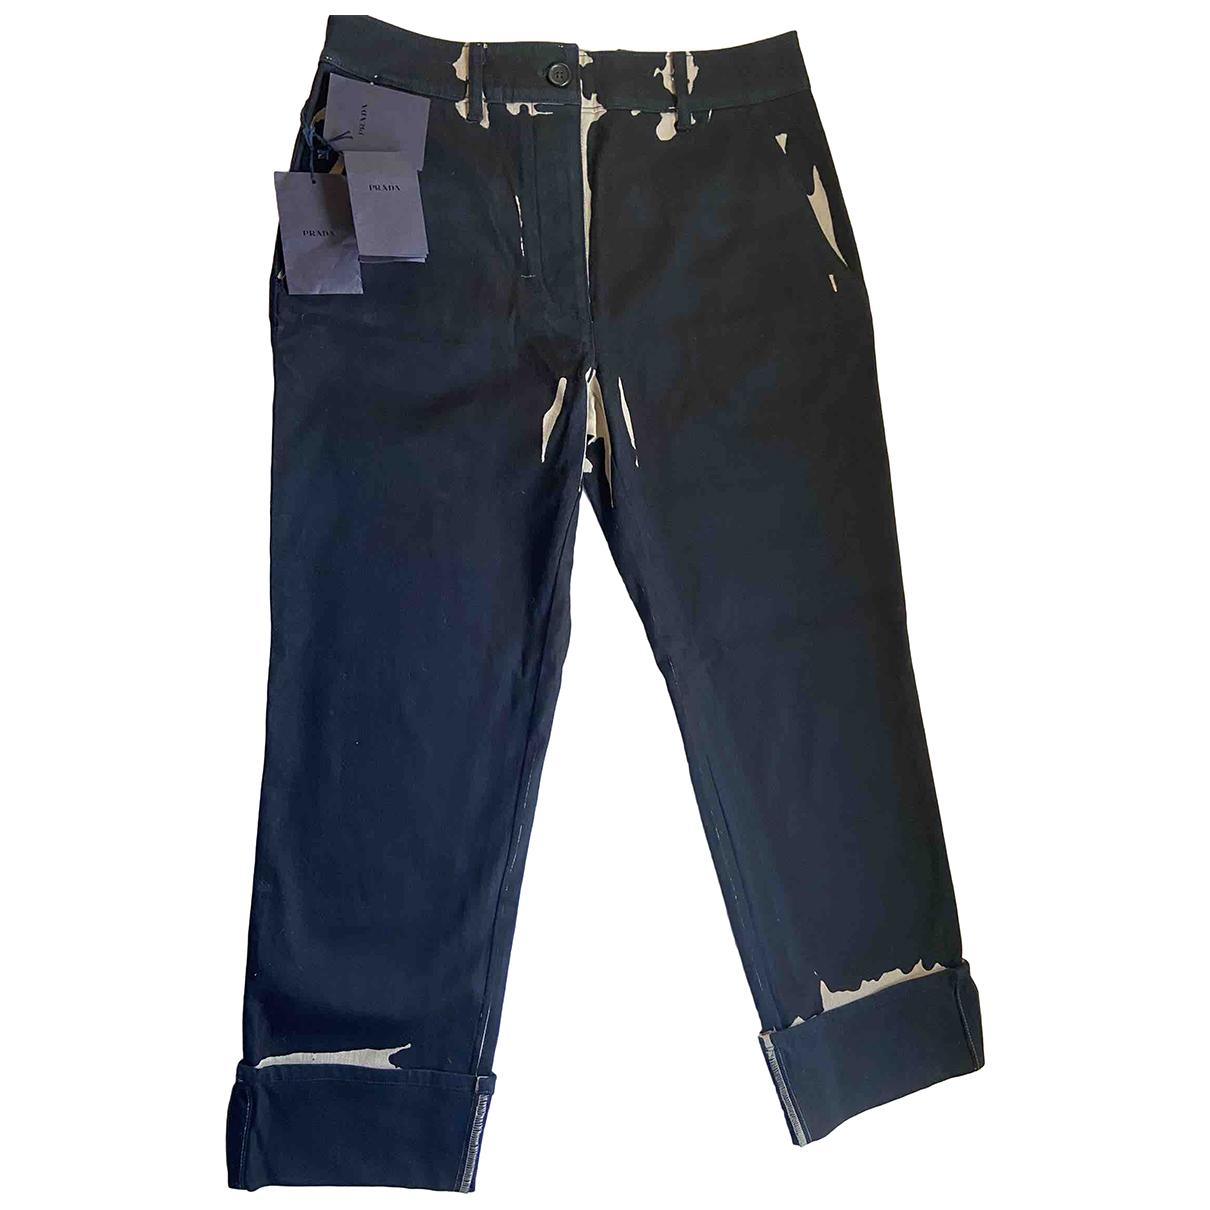 Prada N Black Denim - Jeans Jeans for Women 40 FR